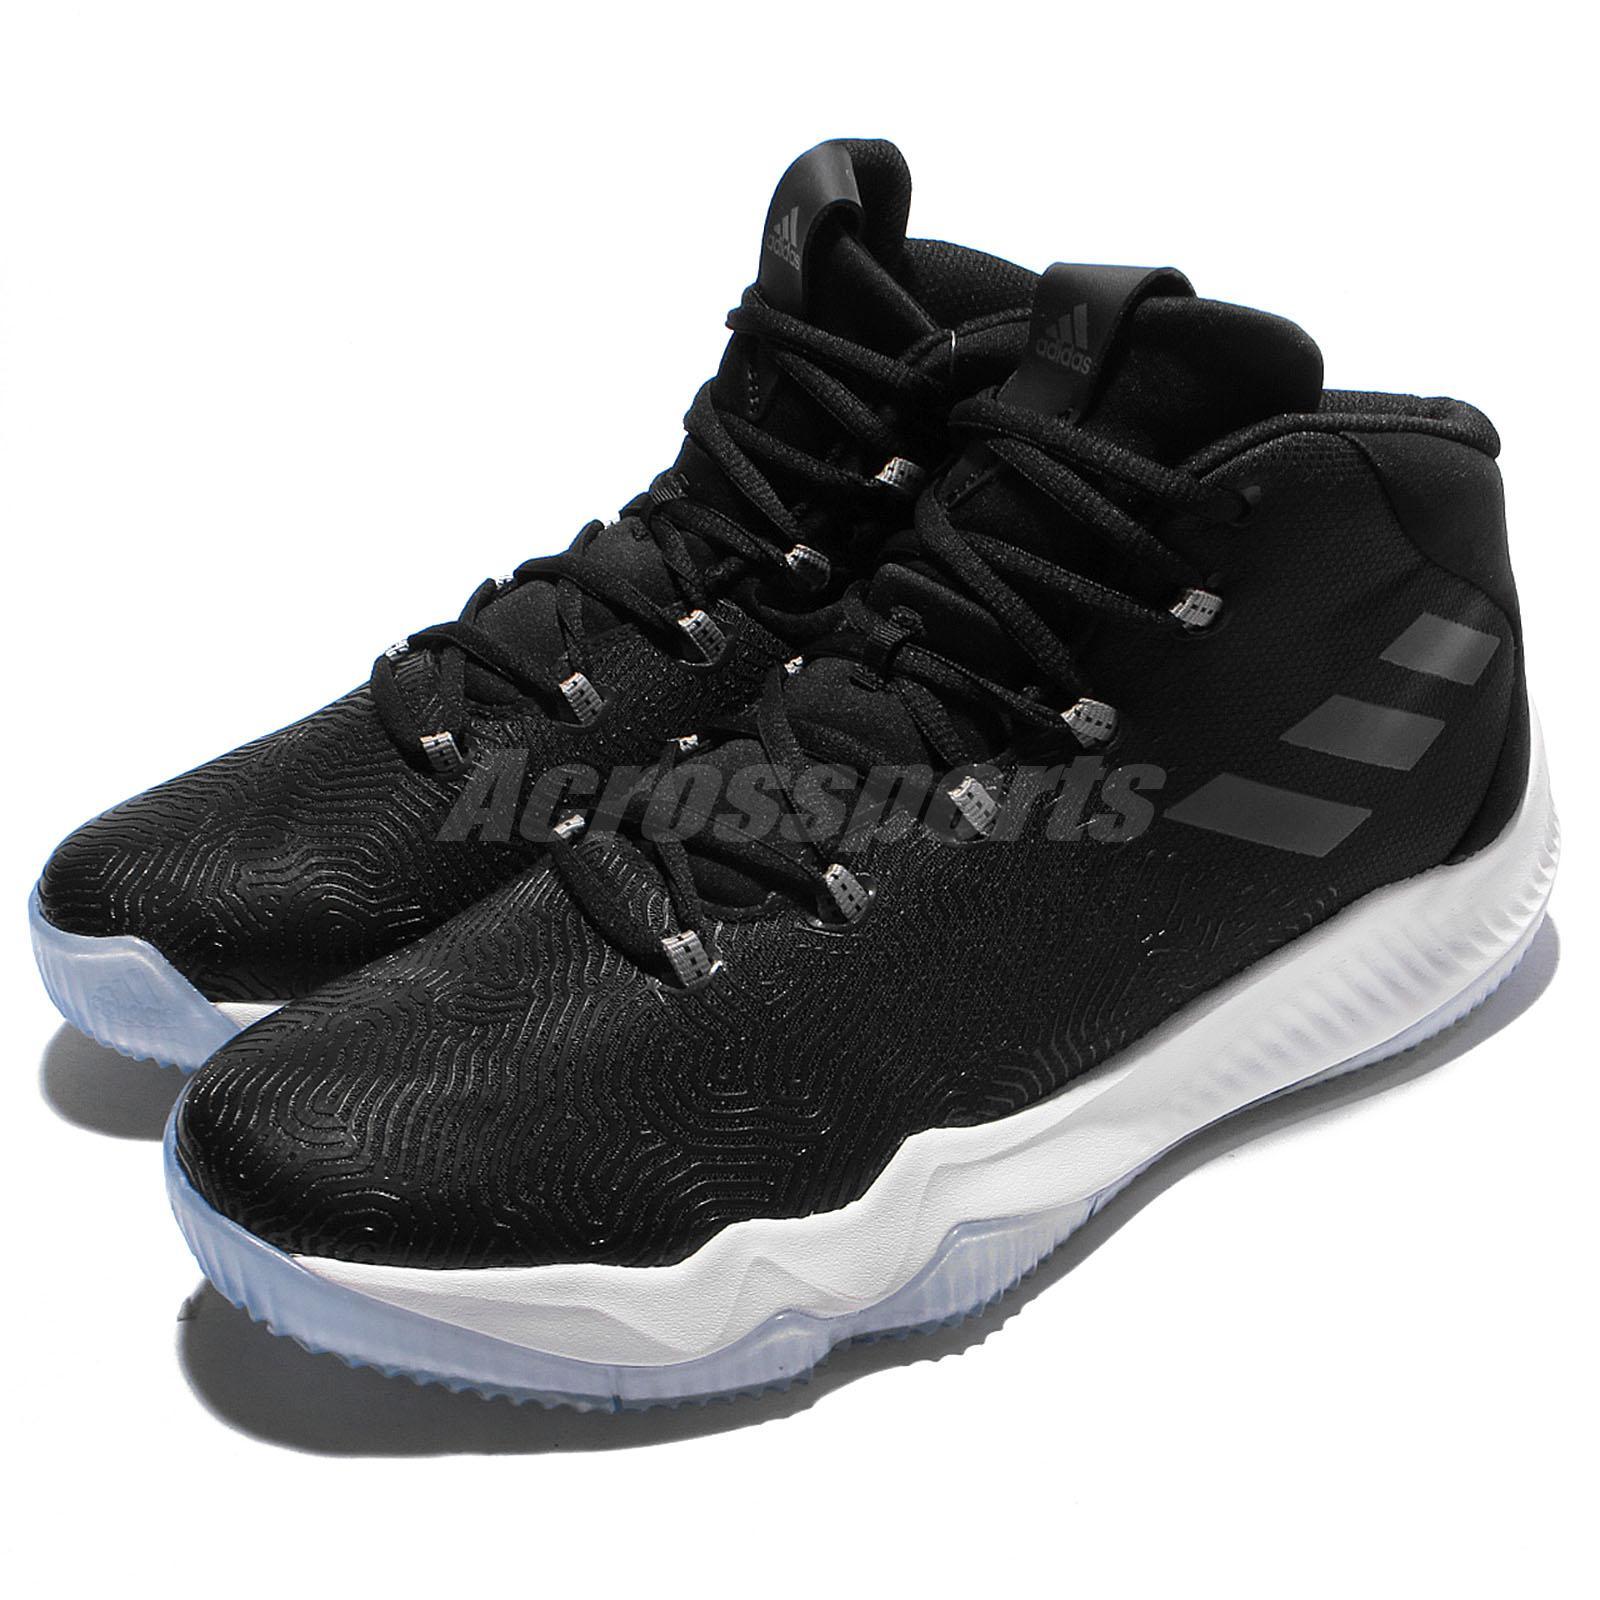 adidas basketball shoes usa